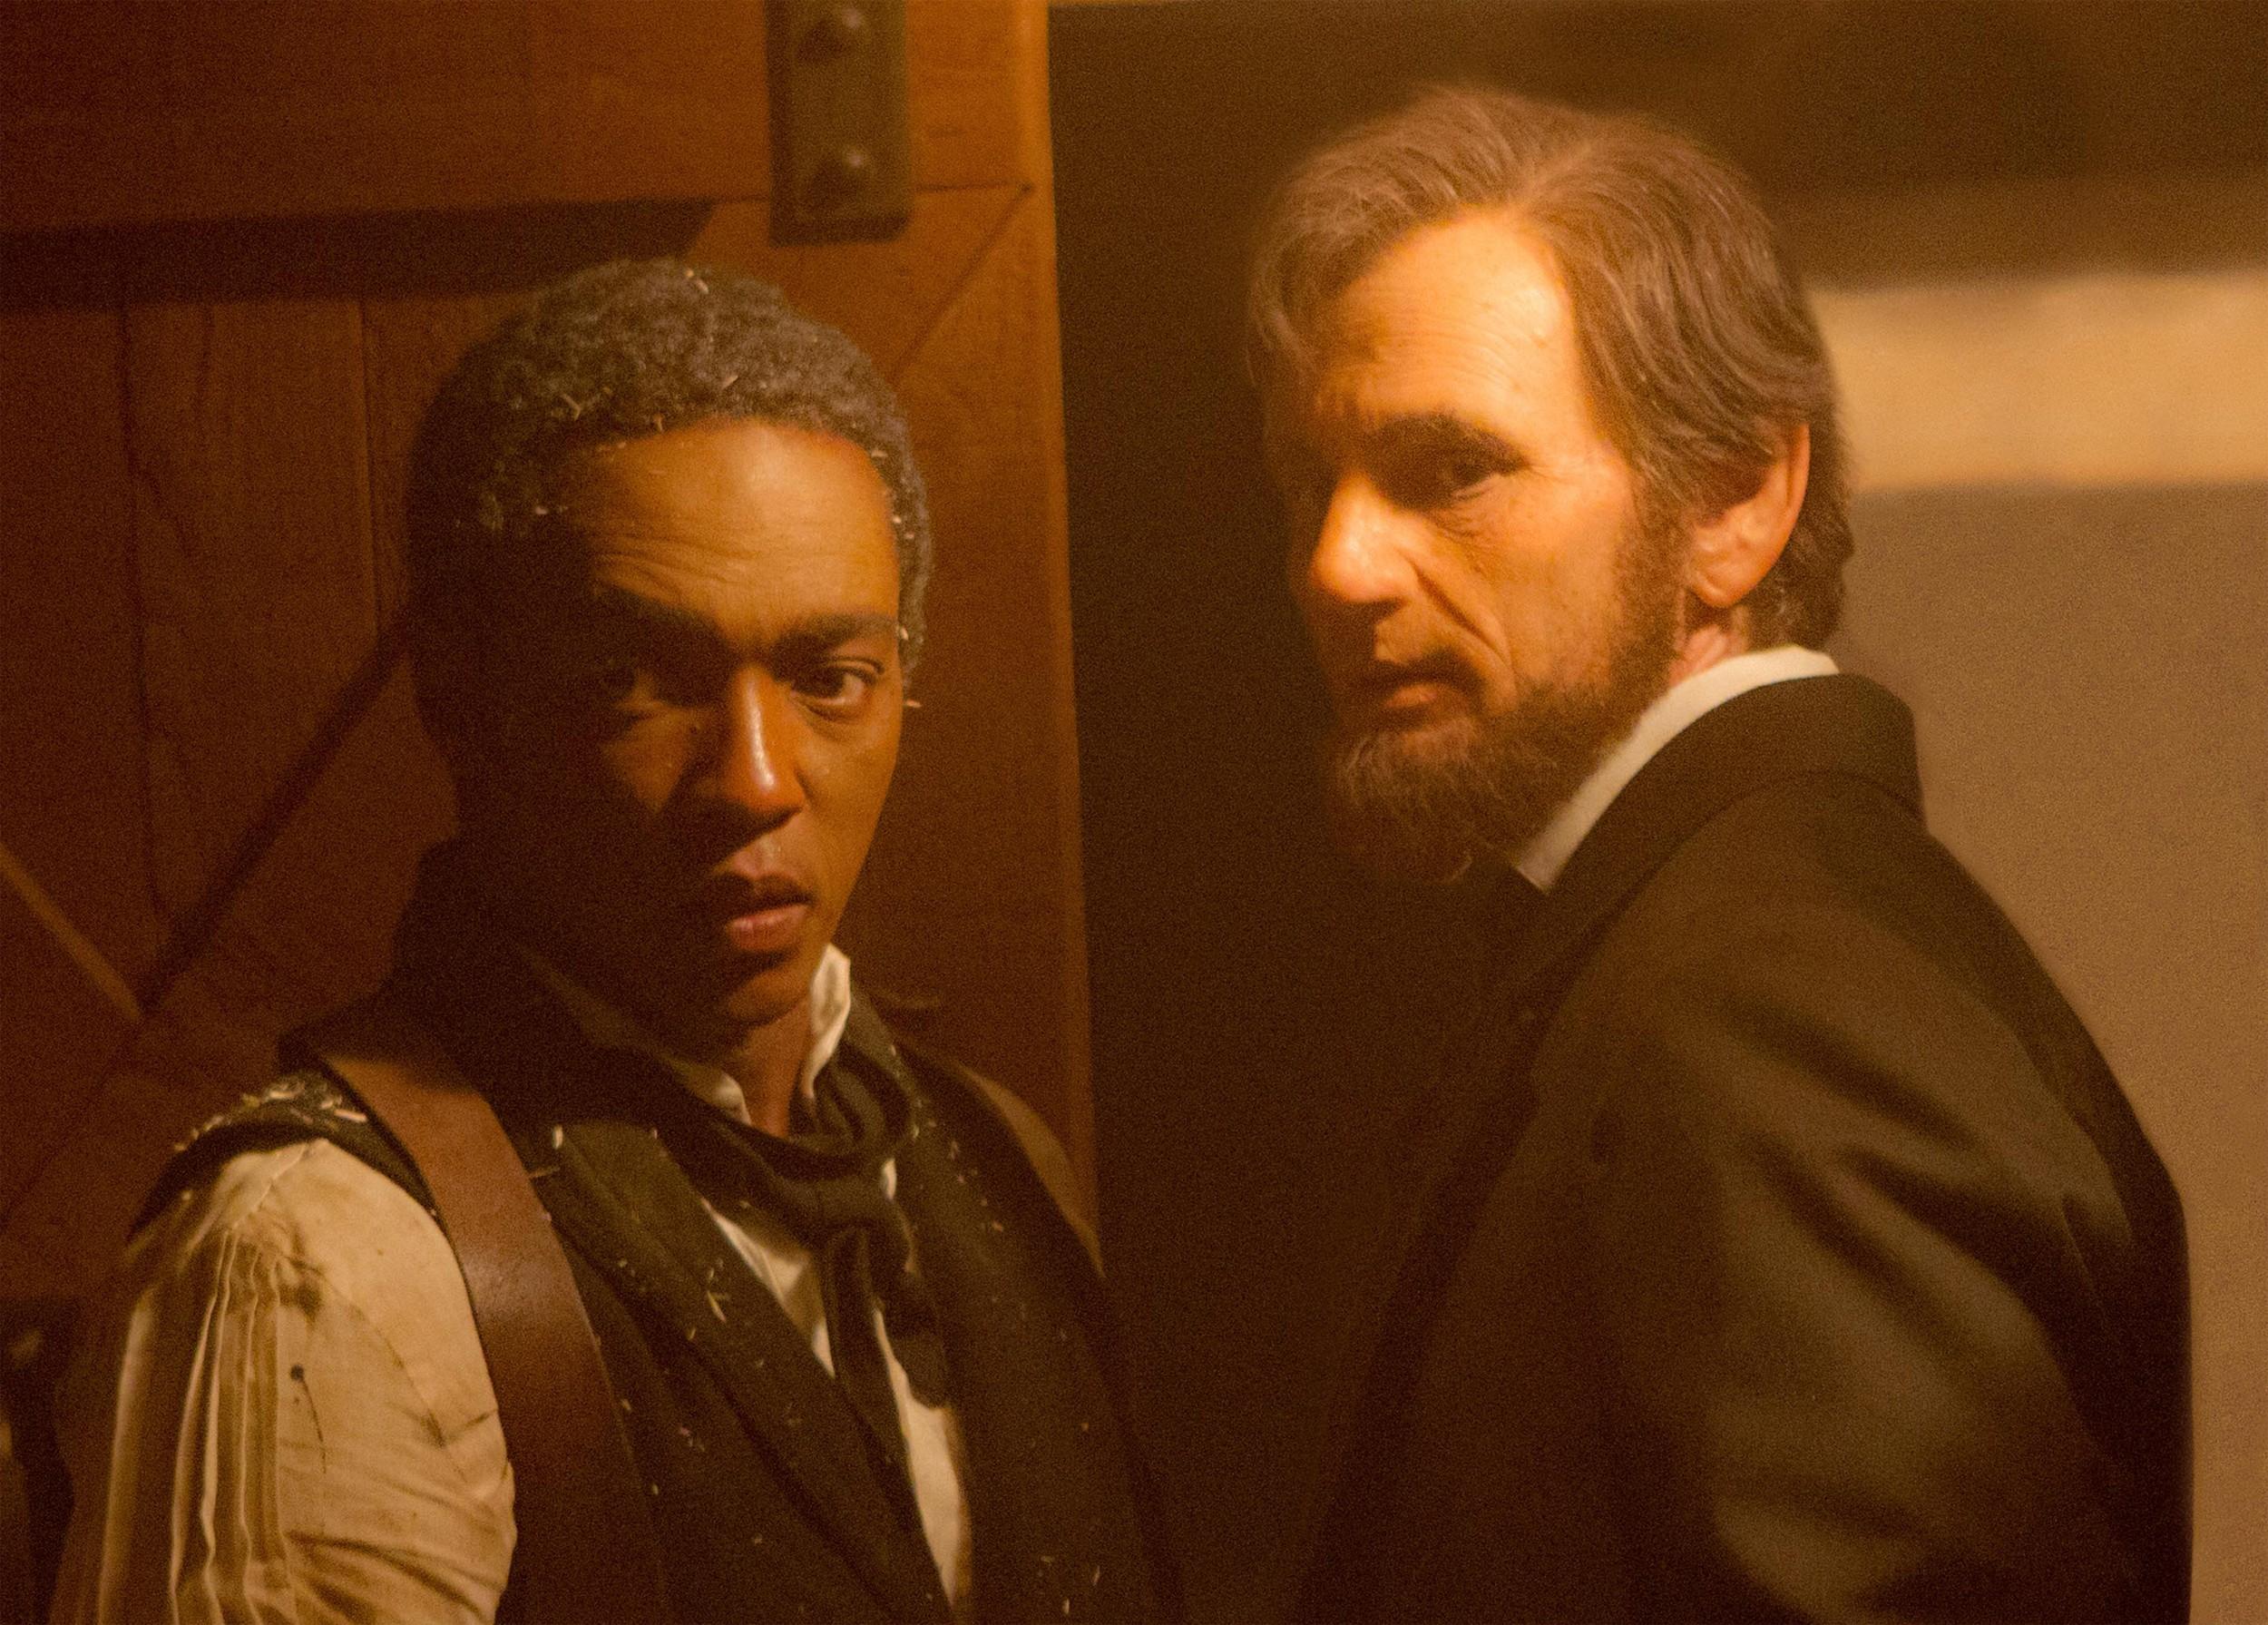 кадры из фильма Президент Линкольн: Охотник на вампиров Энтони Мэкки, Бенджамин Уокер,